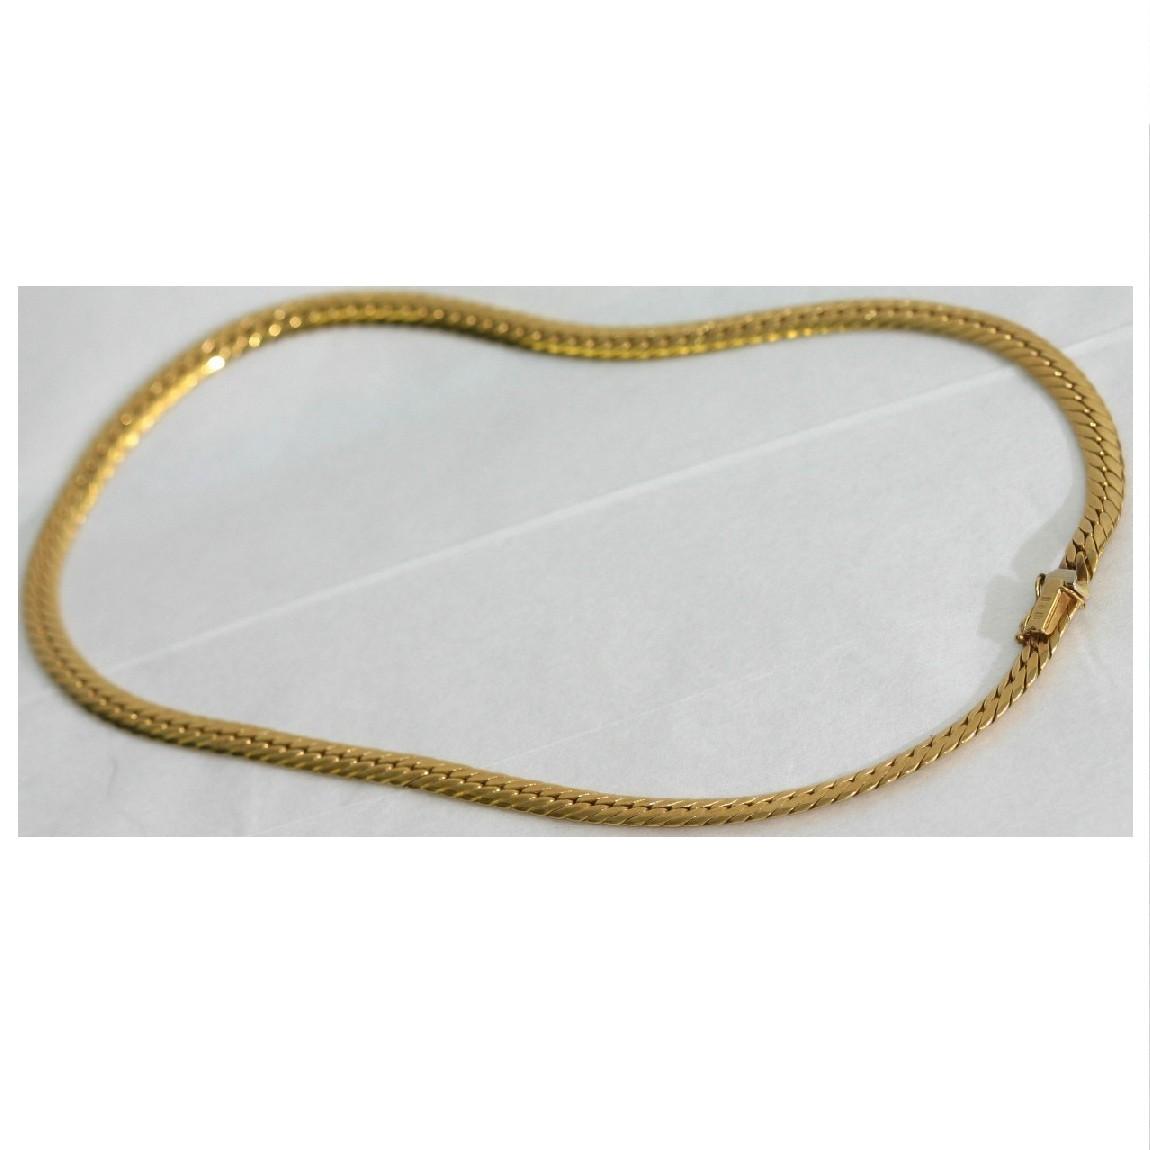 【中古】本物新品同様の輝きイタリア製ウノアエレのK18YG 滑らかなカットのお洒落なネックレス全長40,5cm幅5ミリ重さ18.5グラム ○B12-17